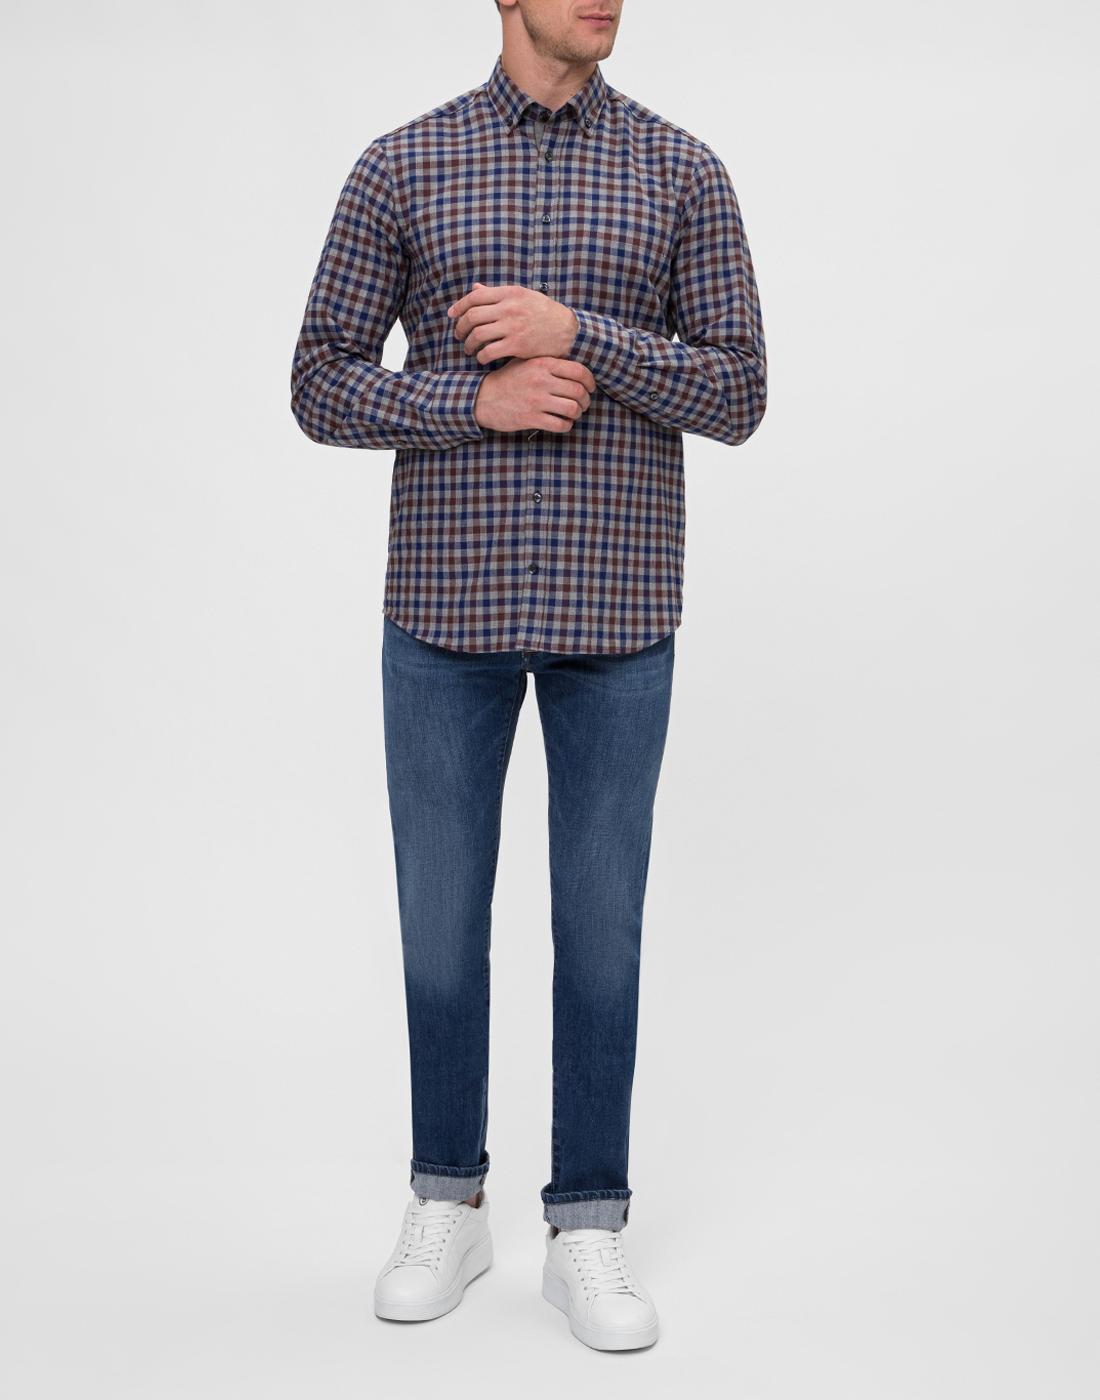 Мужская рубашка в клетку Van Laack S156193/780-5